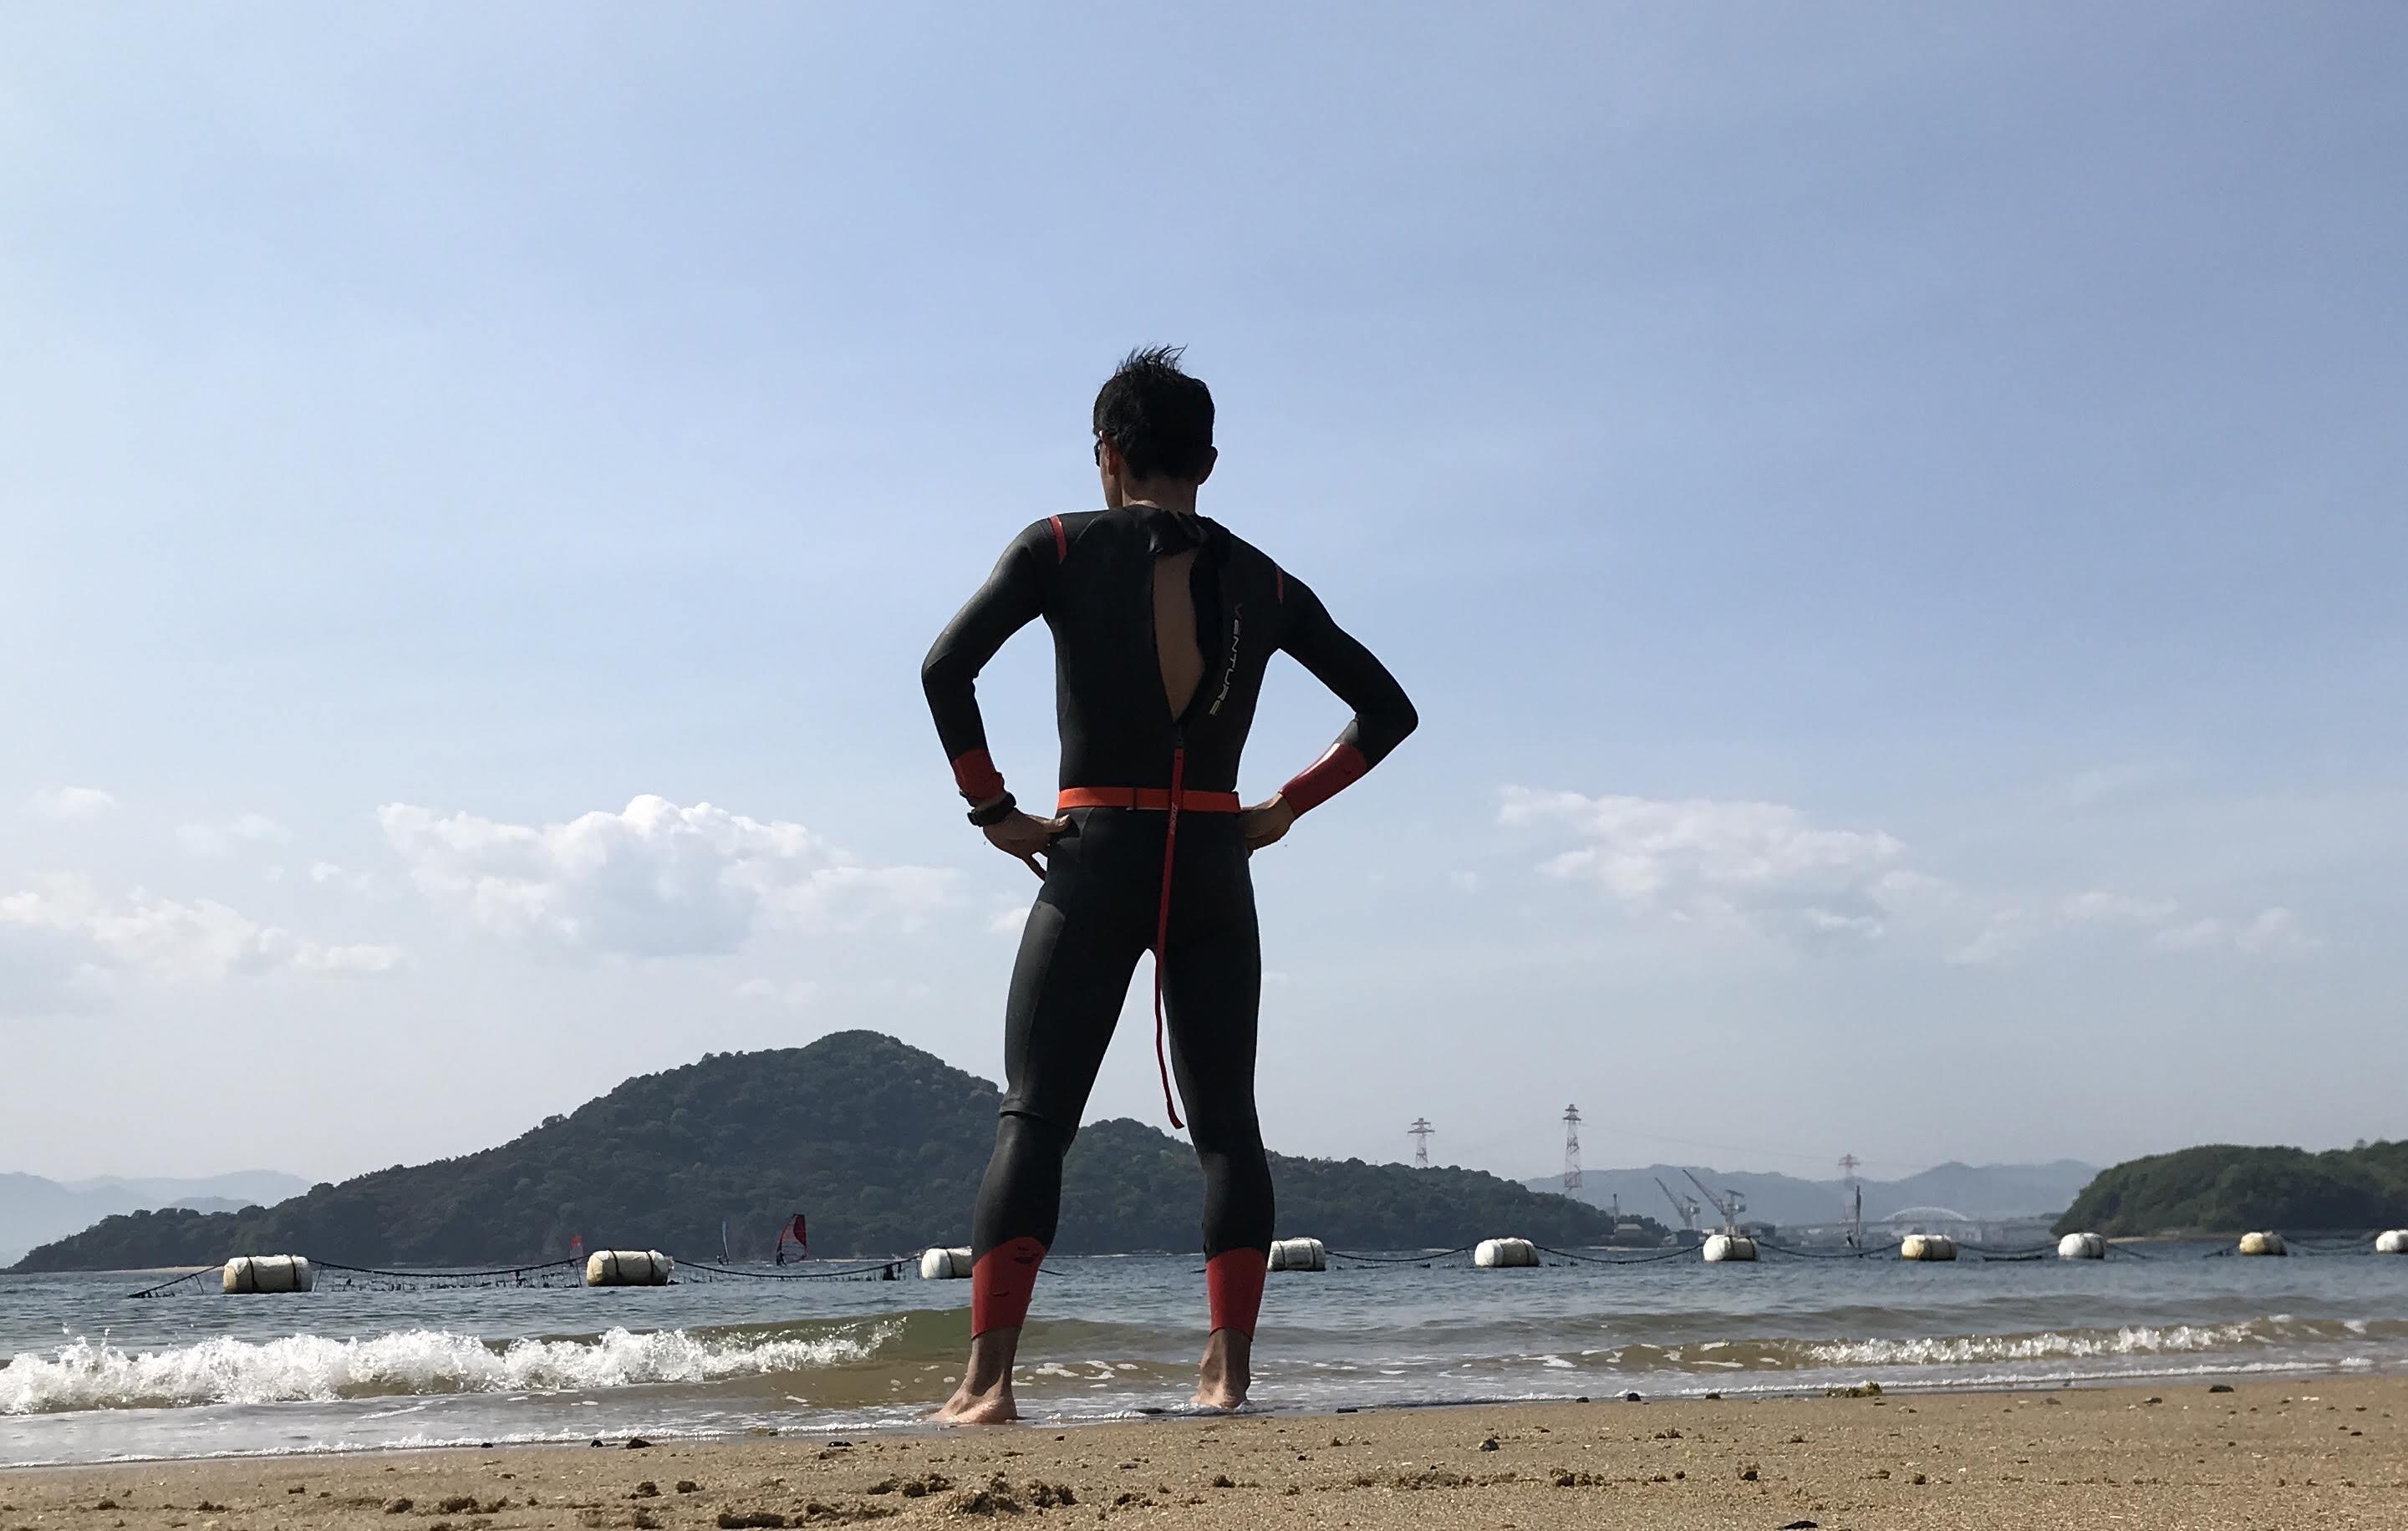 ヘボからのスイム苦闘記㉓~今季、初の「オープンウォータースイムトレーニング」...広島でも良い練習場所見つけました!~